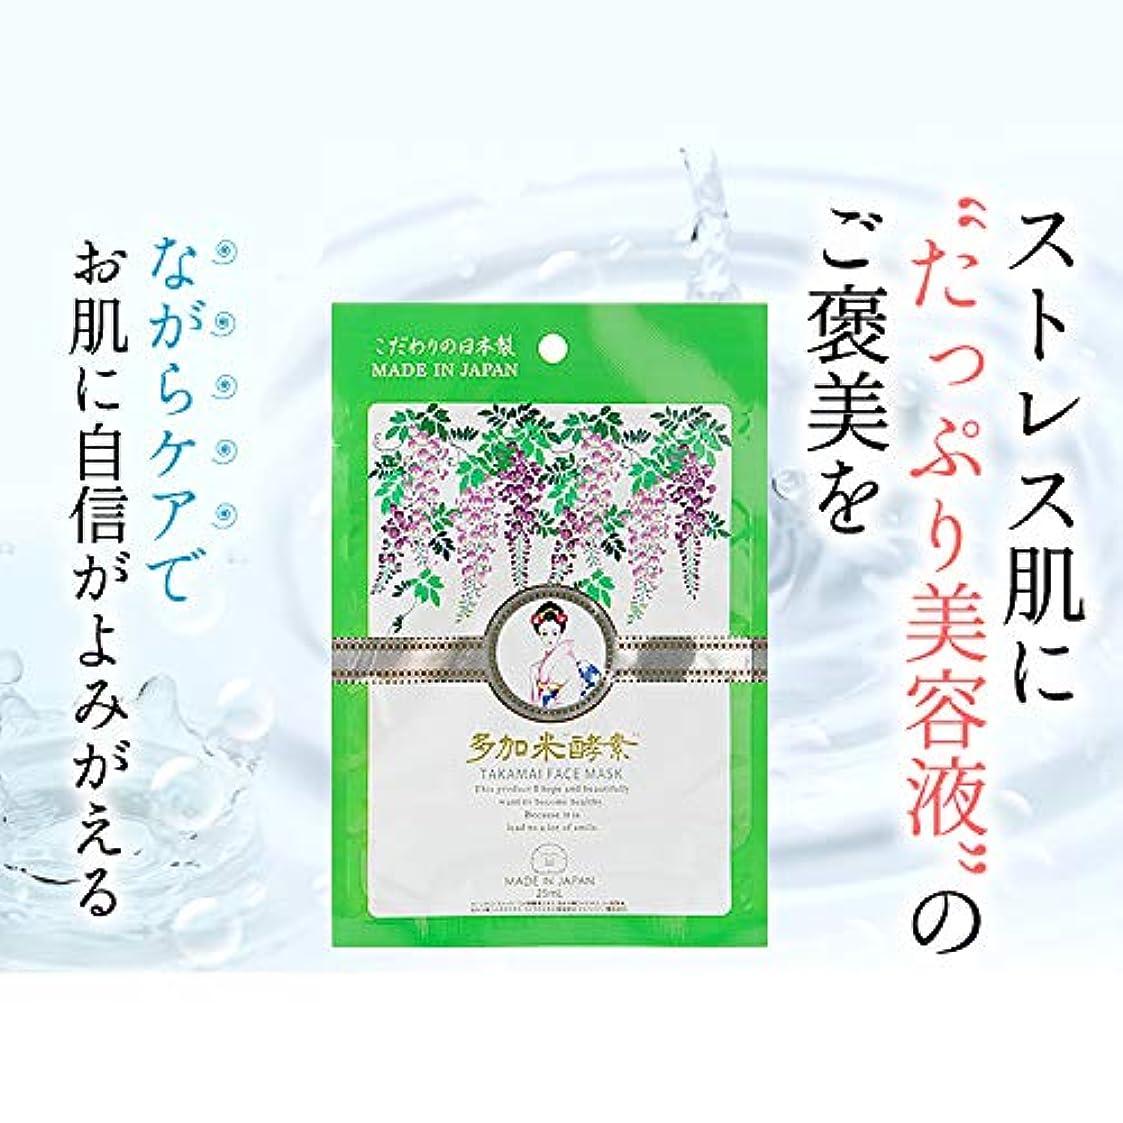 壮大骨多加米酵素フェイスマスク シートマスク フェイスマスク 保湿マスク 美容液 25ml 20枚セット